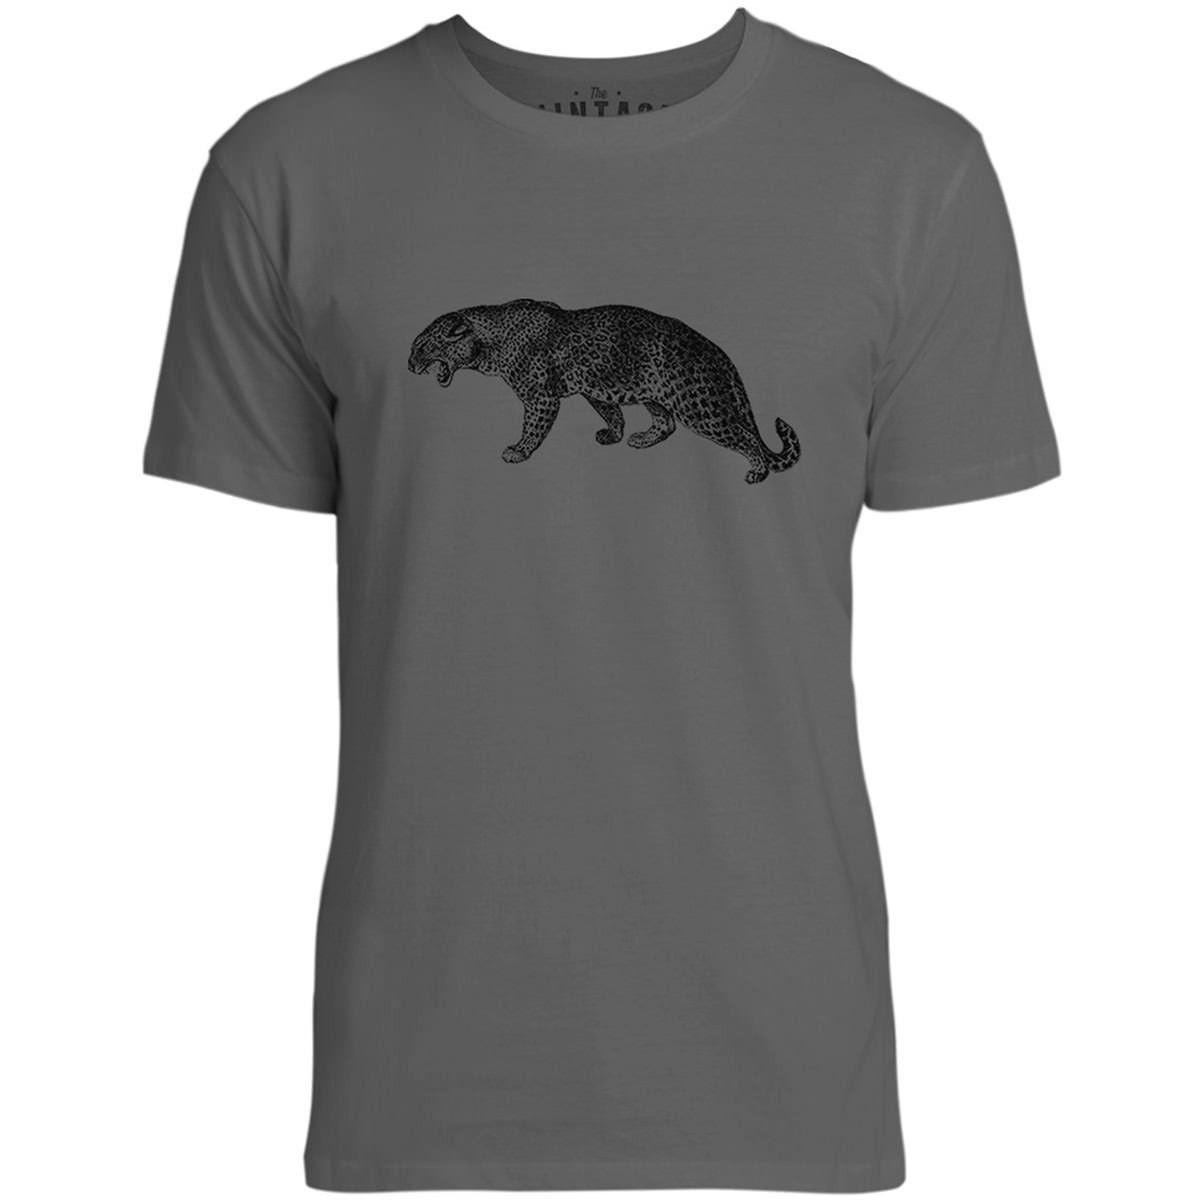 Mintage Big Cat Growling Mens Fine Jersey T-Shirt (Concrete)